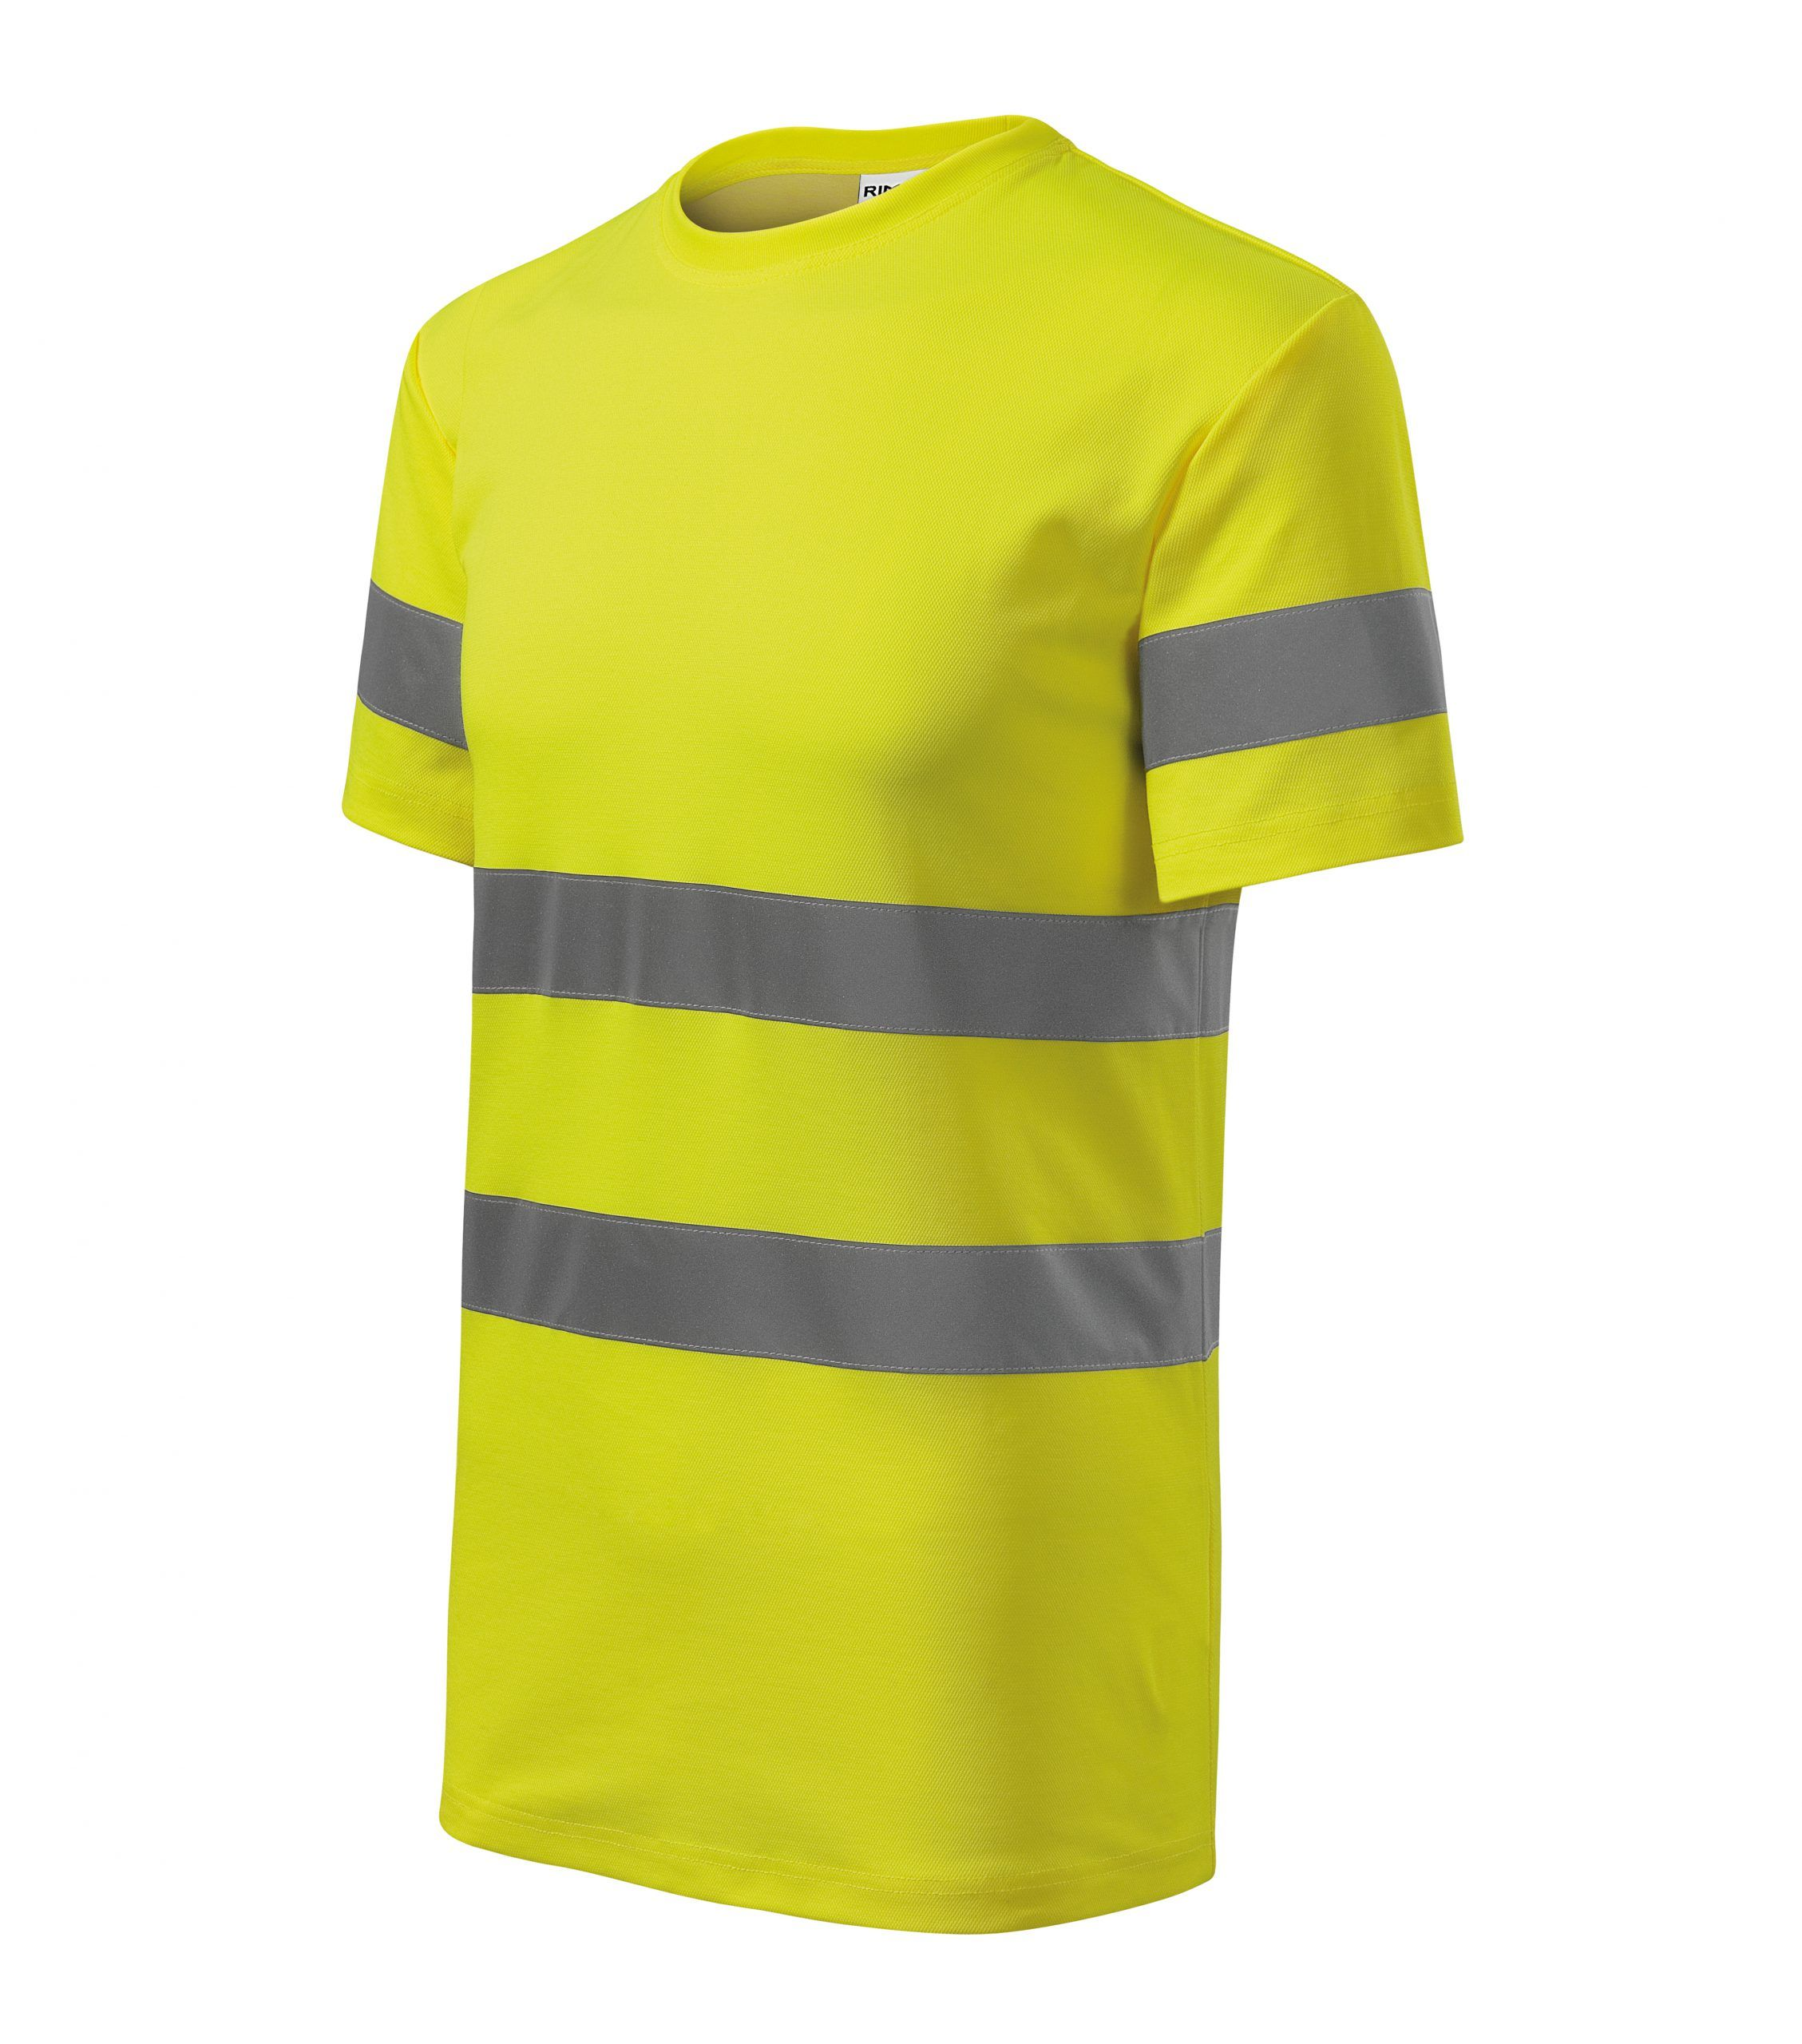 Láthatósági Protect póló